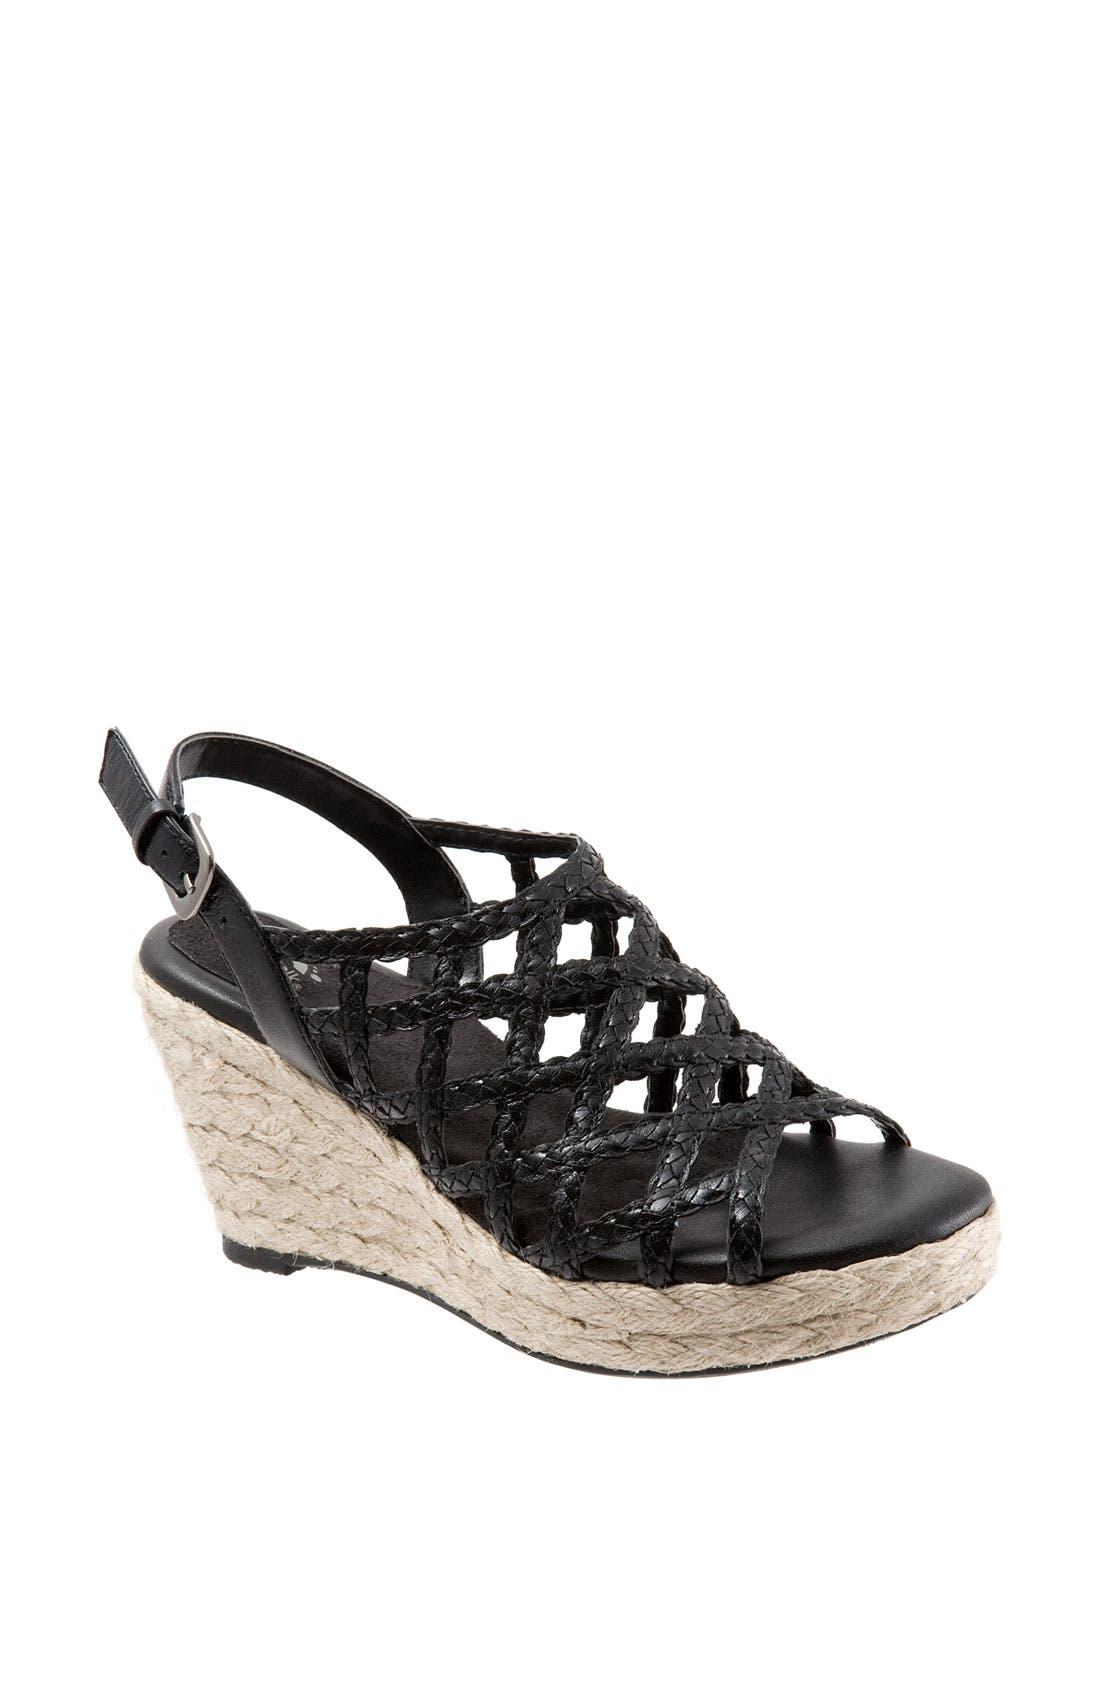 Alternate Image 1 Selected - SoftWalk® 'St. Croix' Sandal